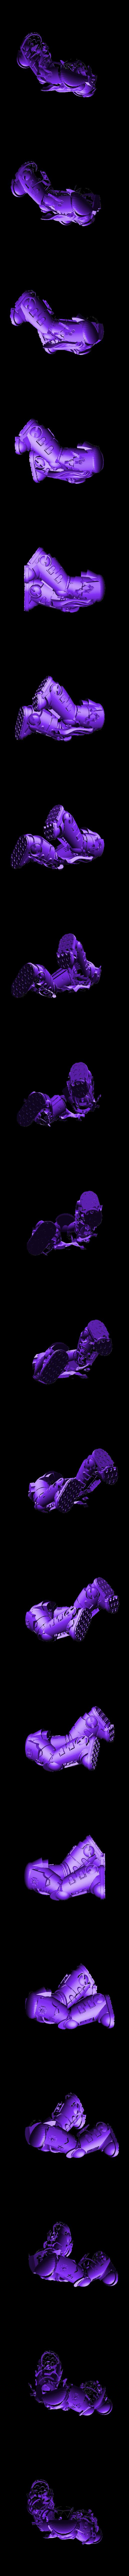 Legs 8.stl Télécharger fichier STL gratuit L'équipe des Chevaliers gris Primaris • Modèle pour imprimante 3D, joeldawson93